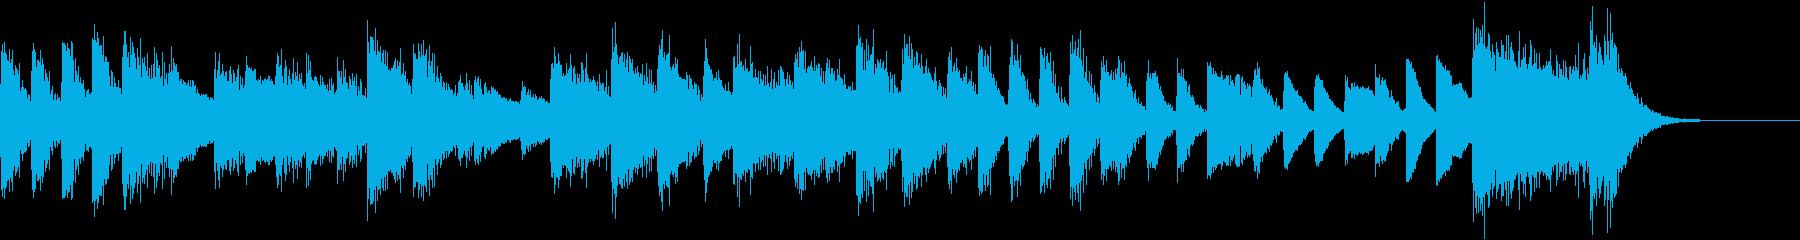 気づよくクールなパワフルピアノジングルの再生済みの波形